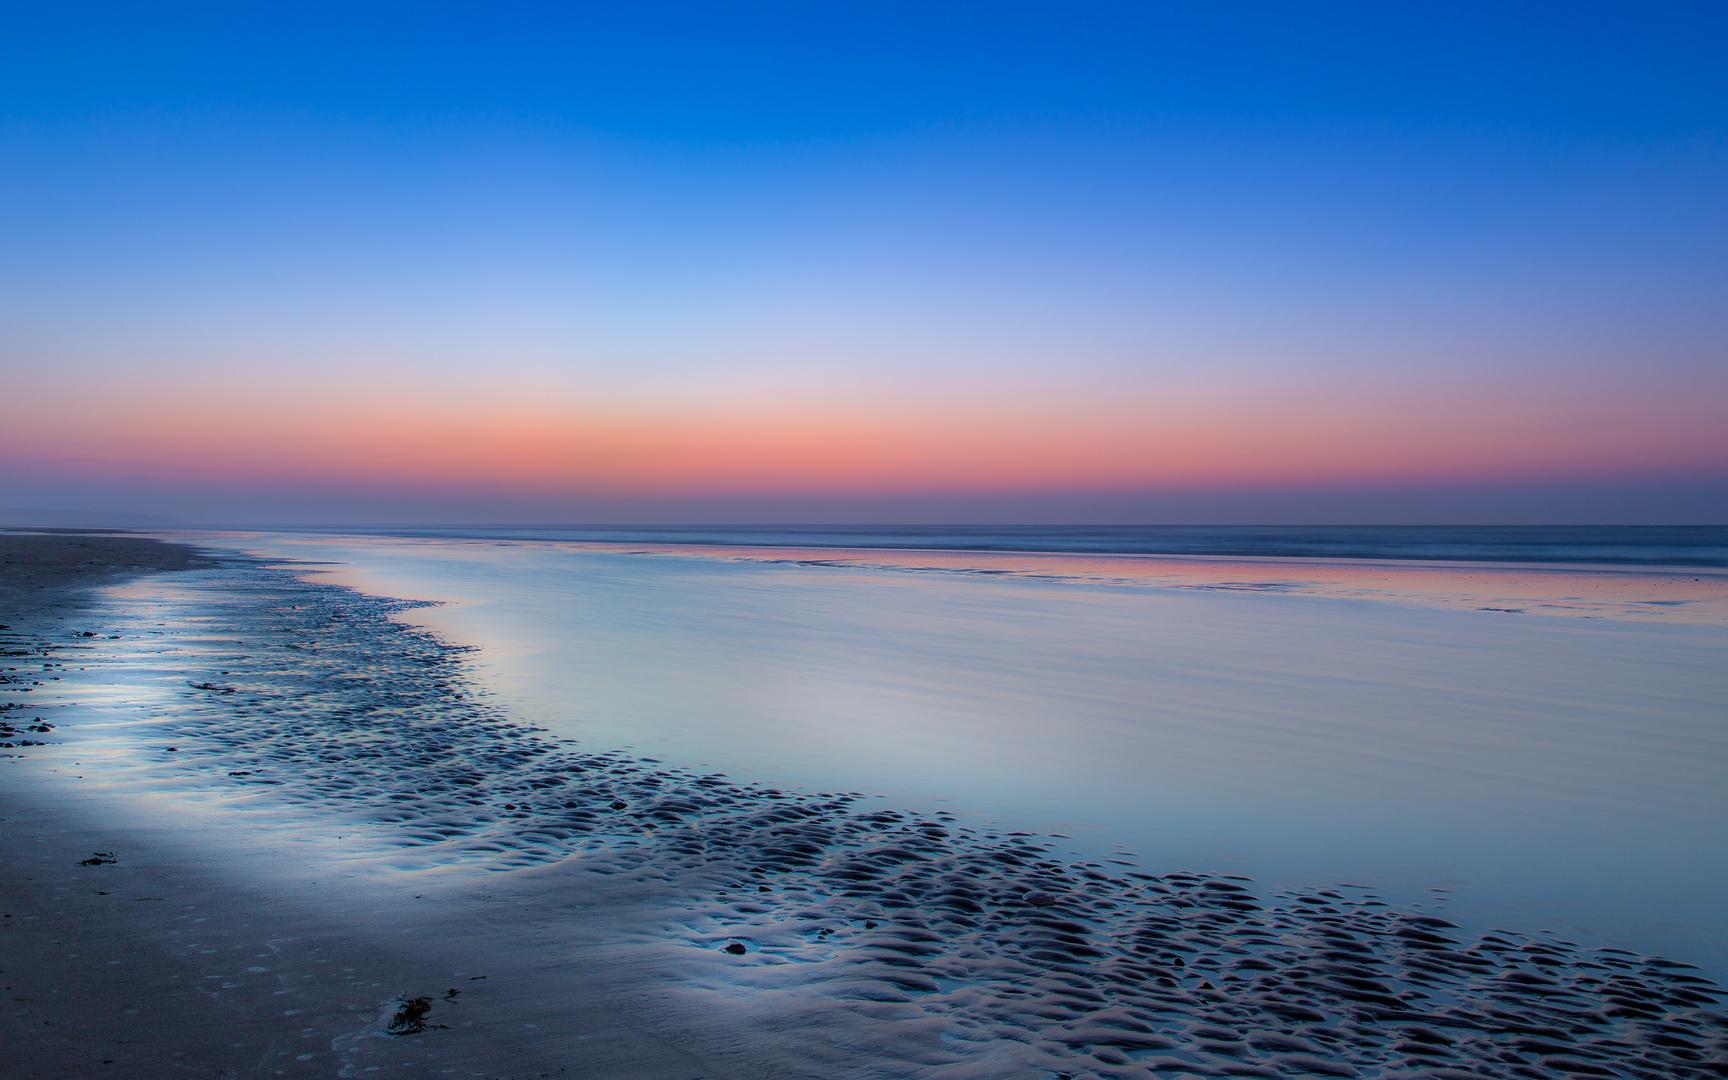 Peaceful Omaha Beach